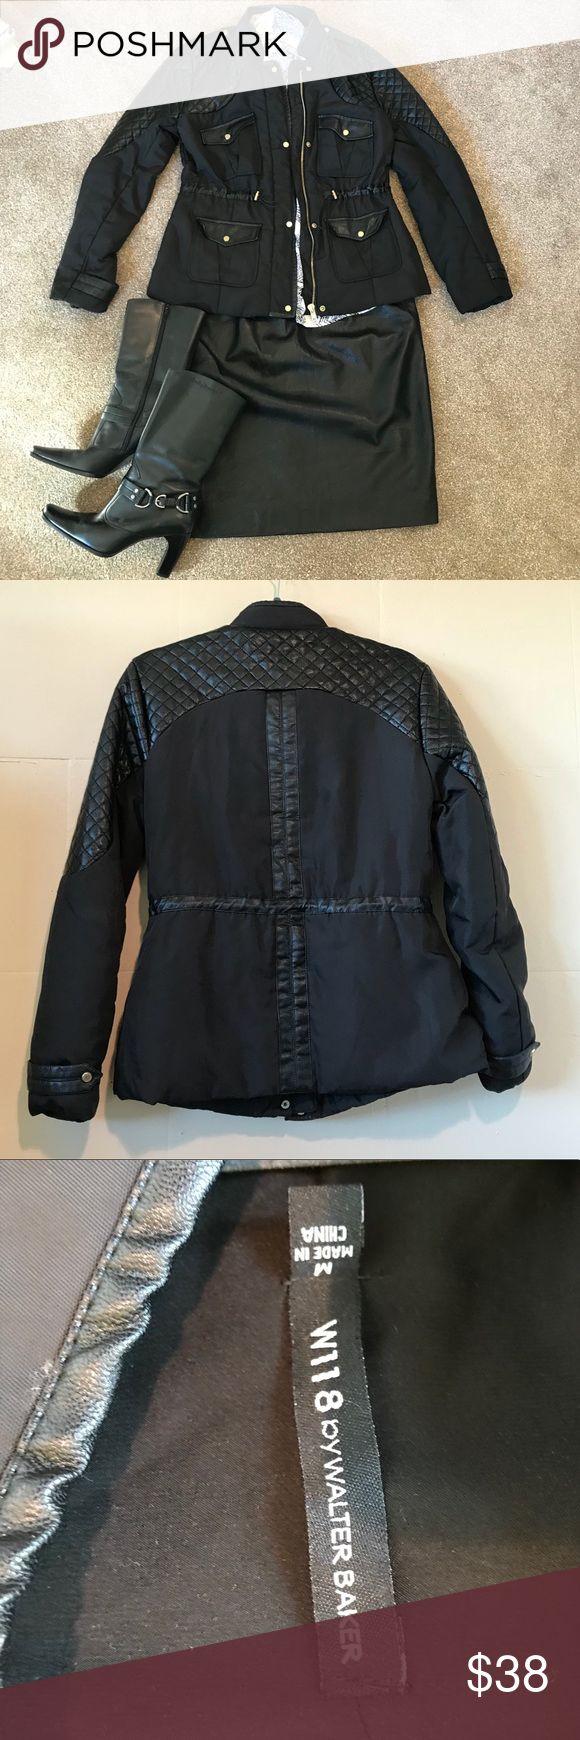 Walter Baker coat Beautifully detailed black coat. W118 by Walter Baker Jackets & Coats